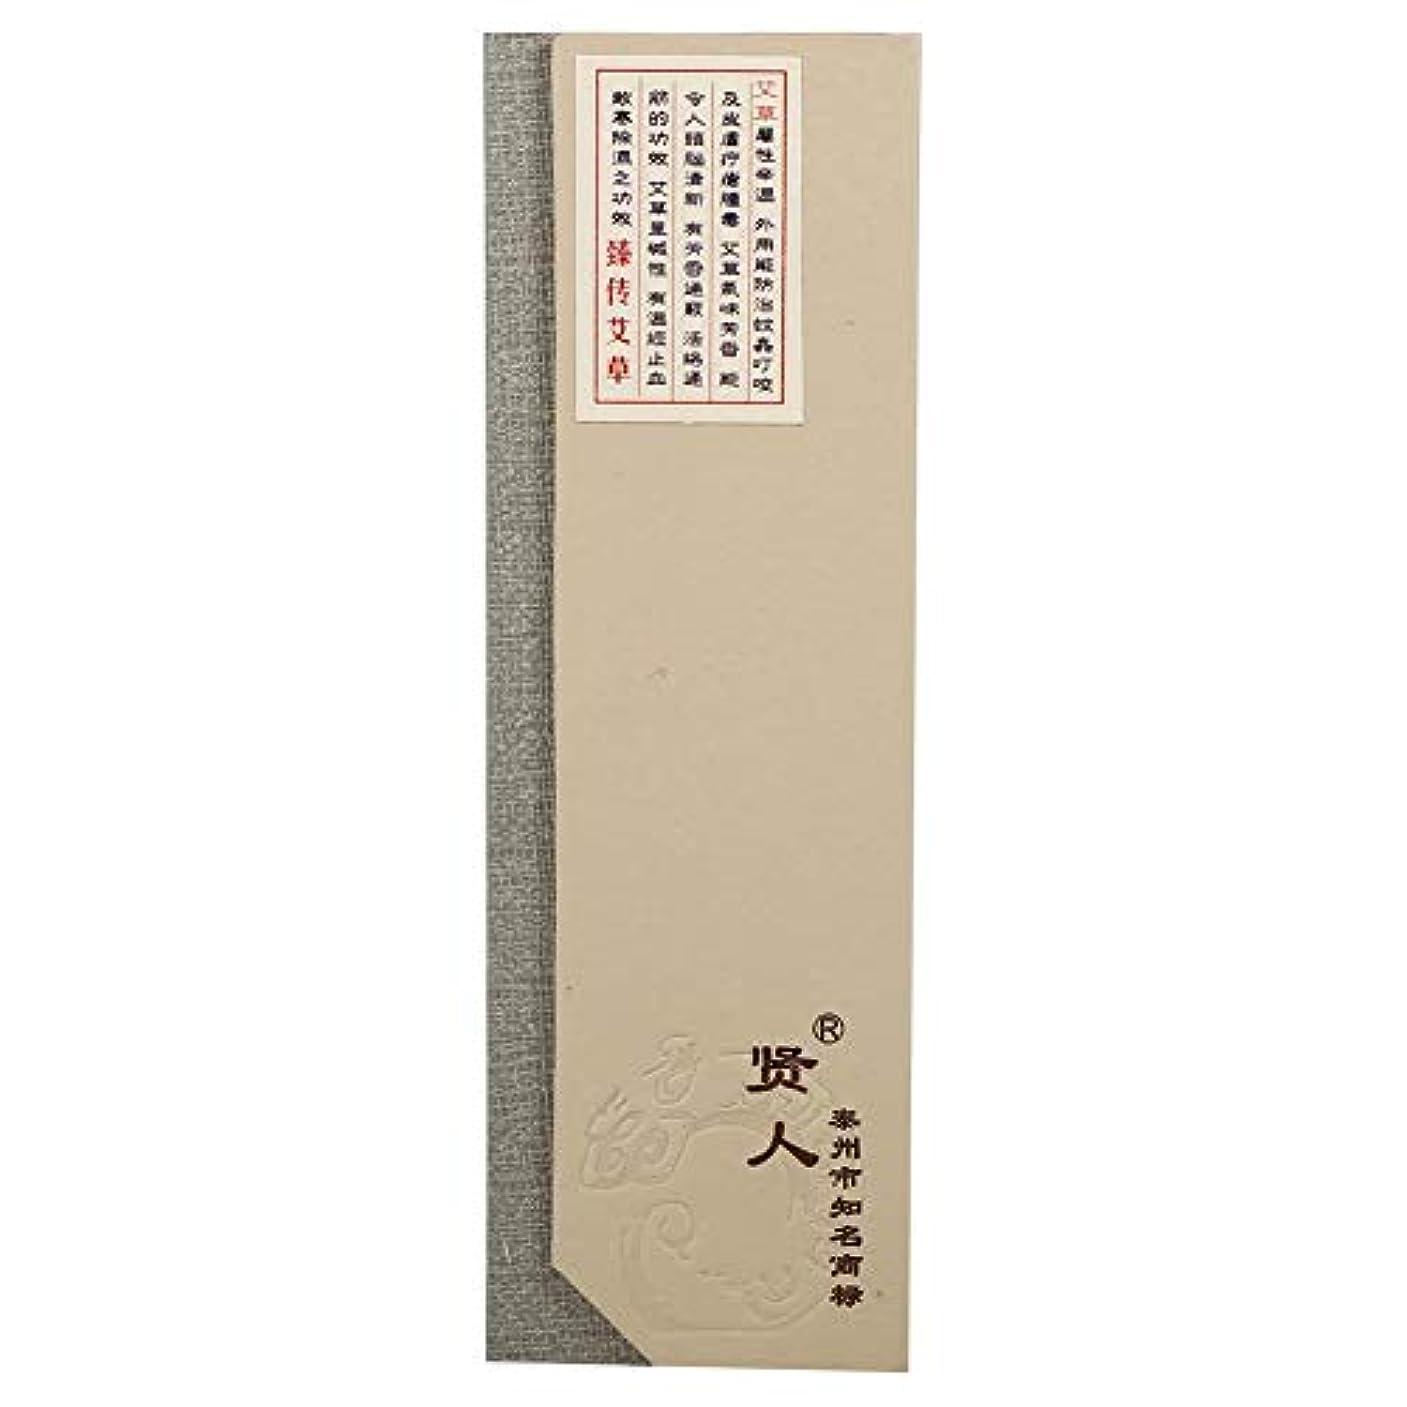 パン弾薬人類180ピース/パック自然香スティック、東洋仏教の香り自然香スティック+ケースサンダルウッド家、SPA、浴室、オフィス(#2(よもぎ香))